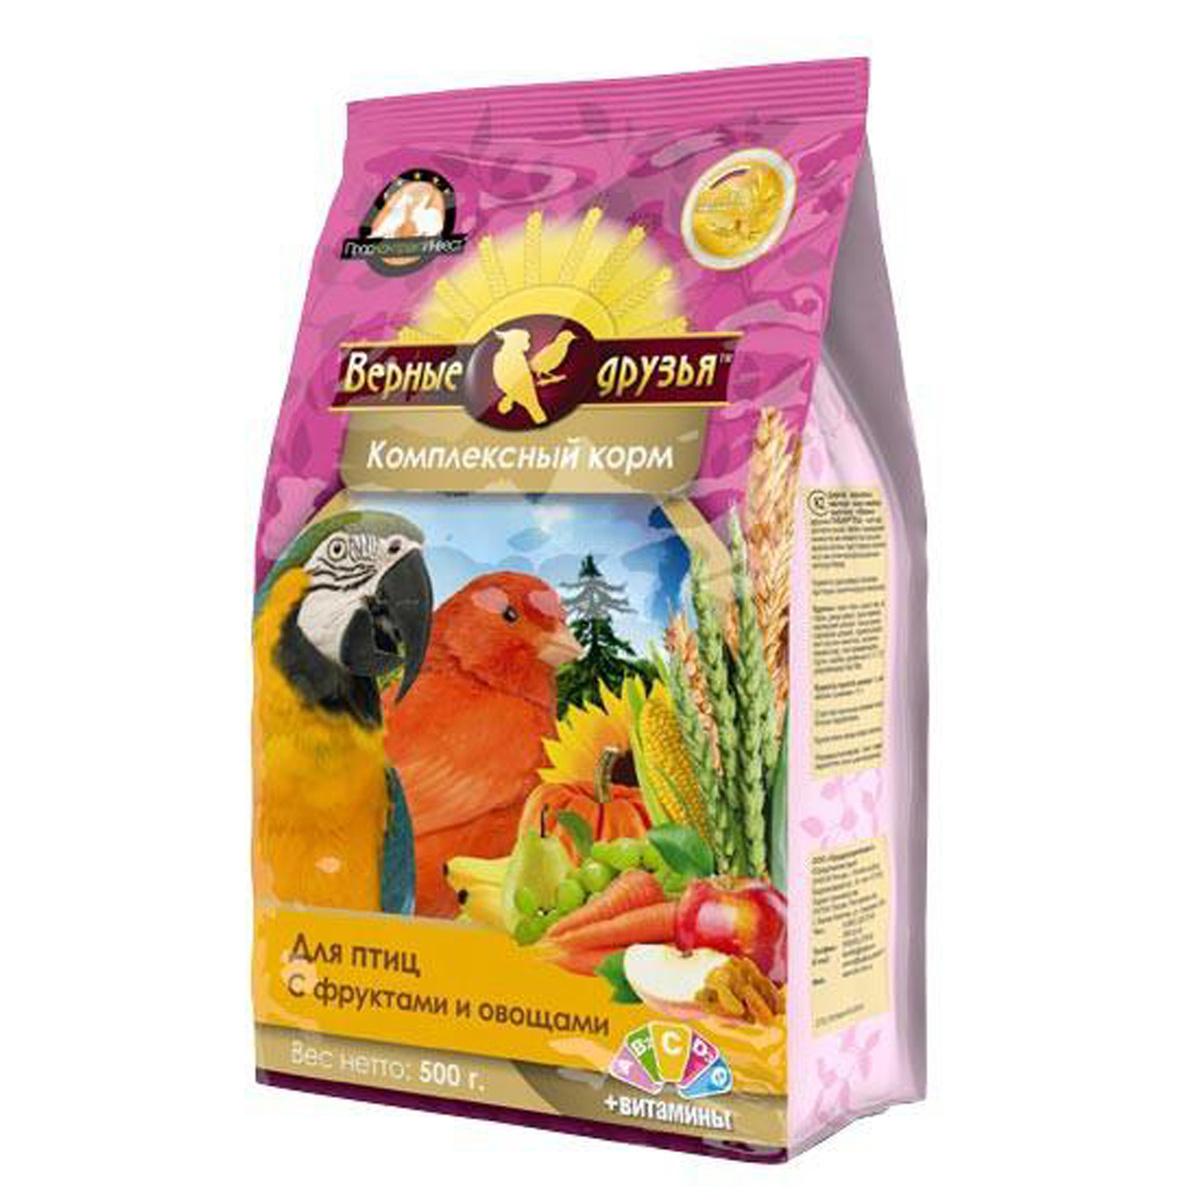 Корм Верные друзья дптиц с овощами и фруктами 500гр пакет 118